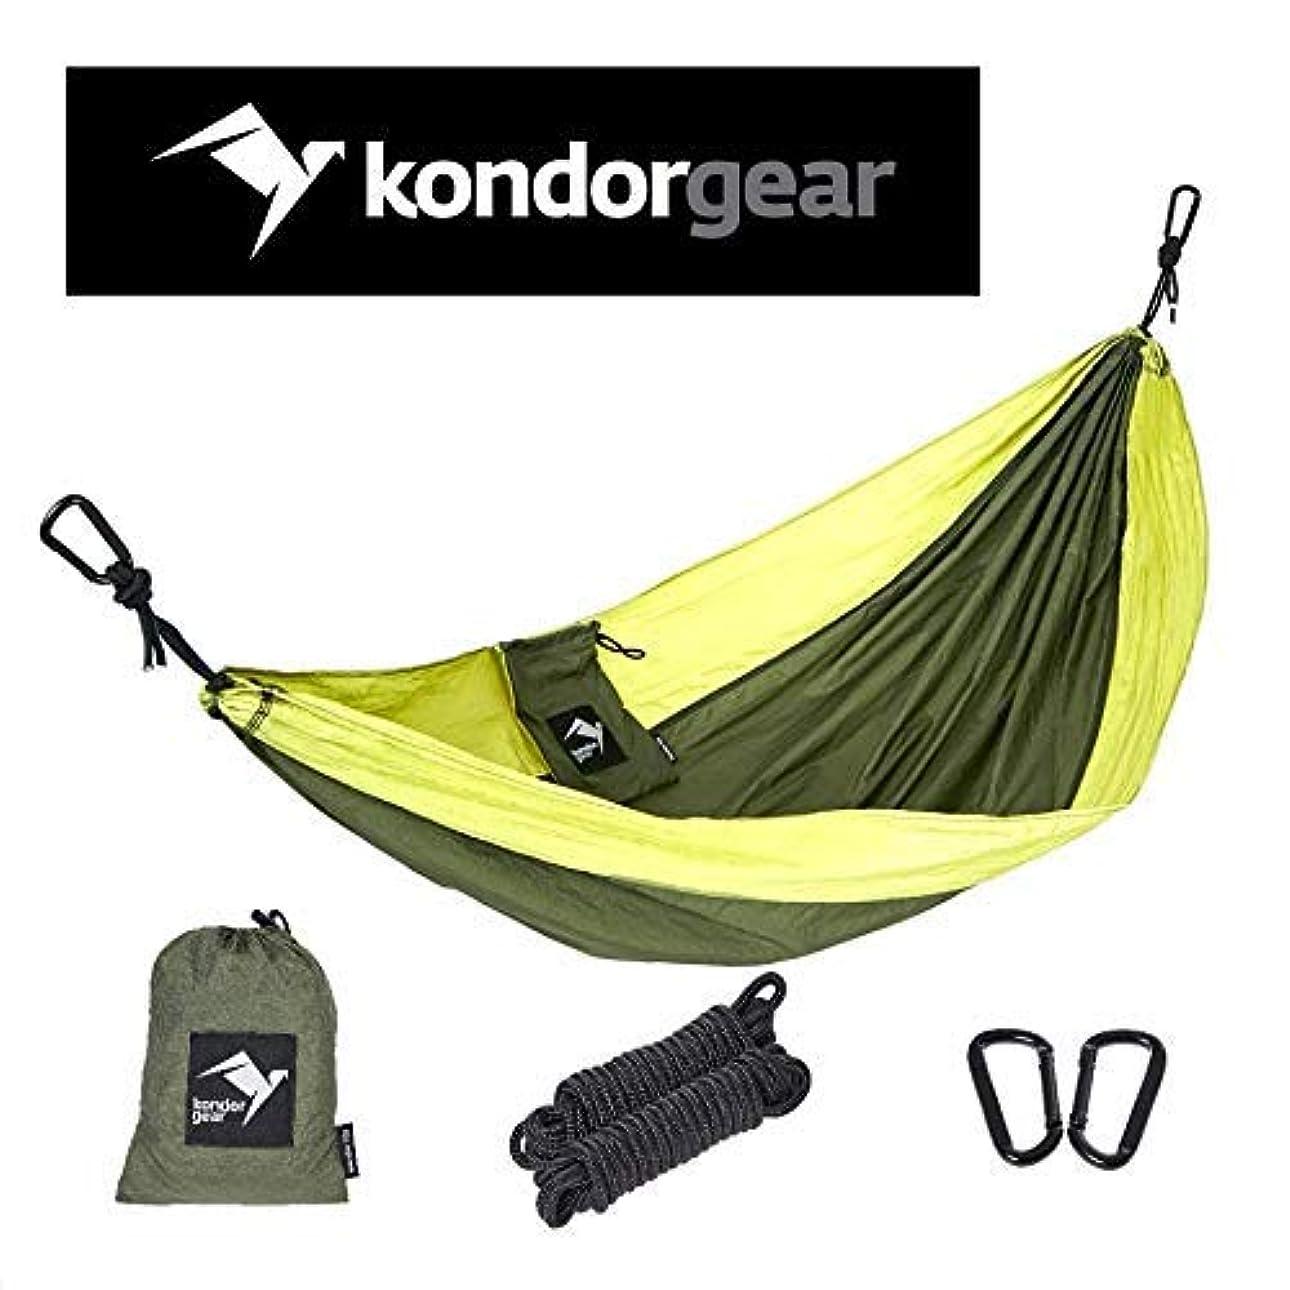 厄介な探す労働者Kondor Gear Portable Lightweight Kids Parachute Hammock Swing Bed or Gear Sling for Indoor and Outdoor Camping,Travel,Beach,Yard, Perfect Small Size for Boys,Girls,Toddlers [並行輸入品]